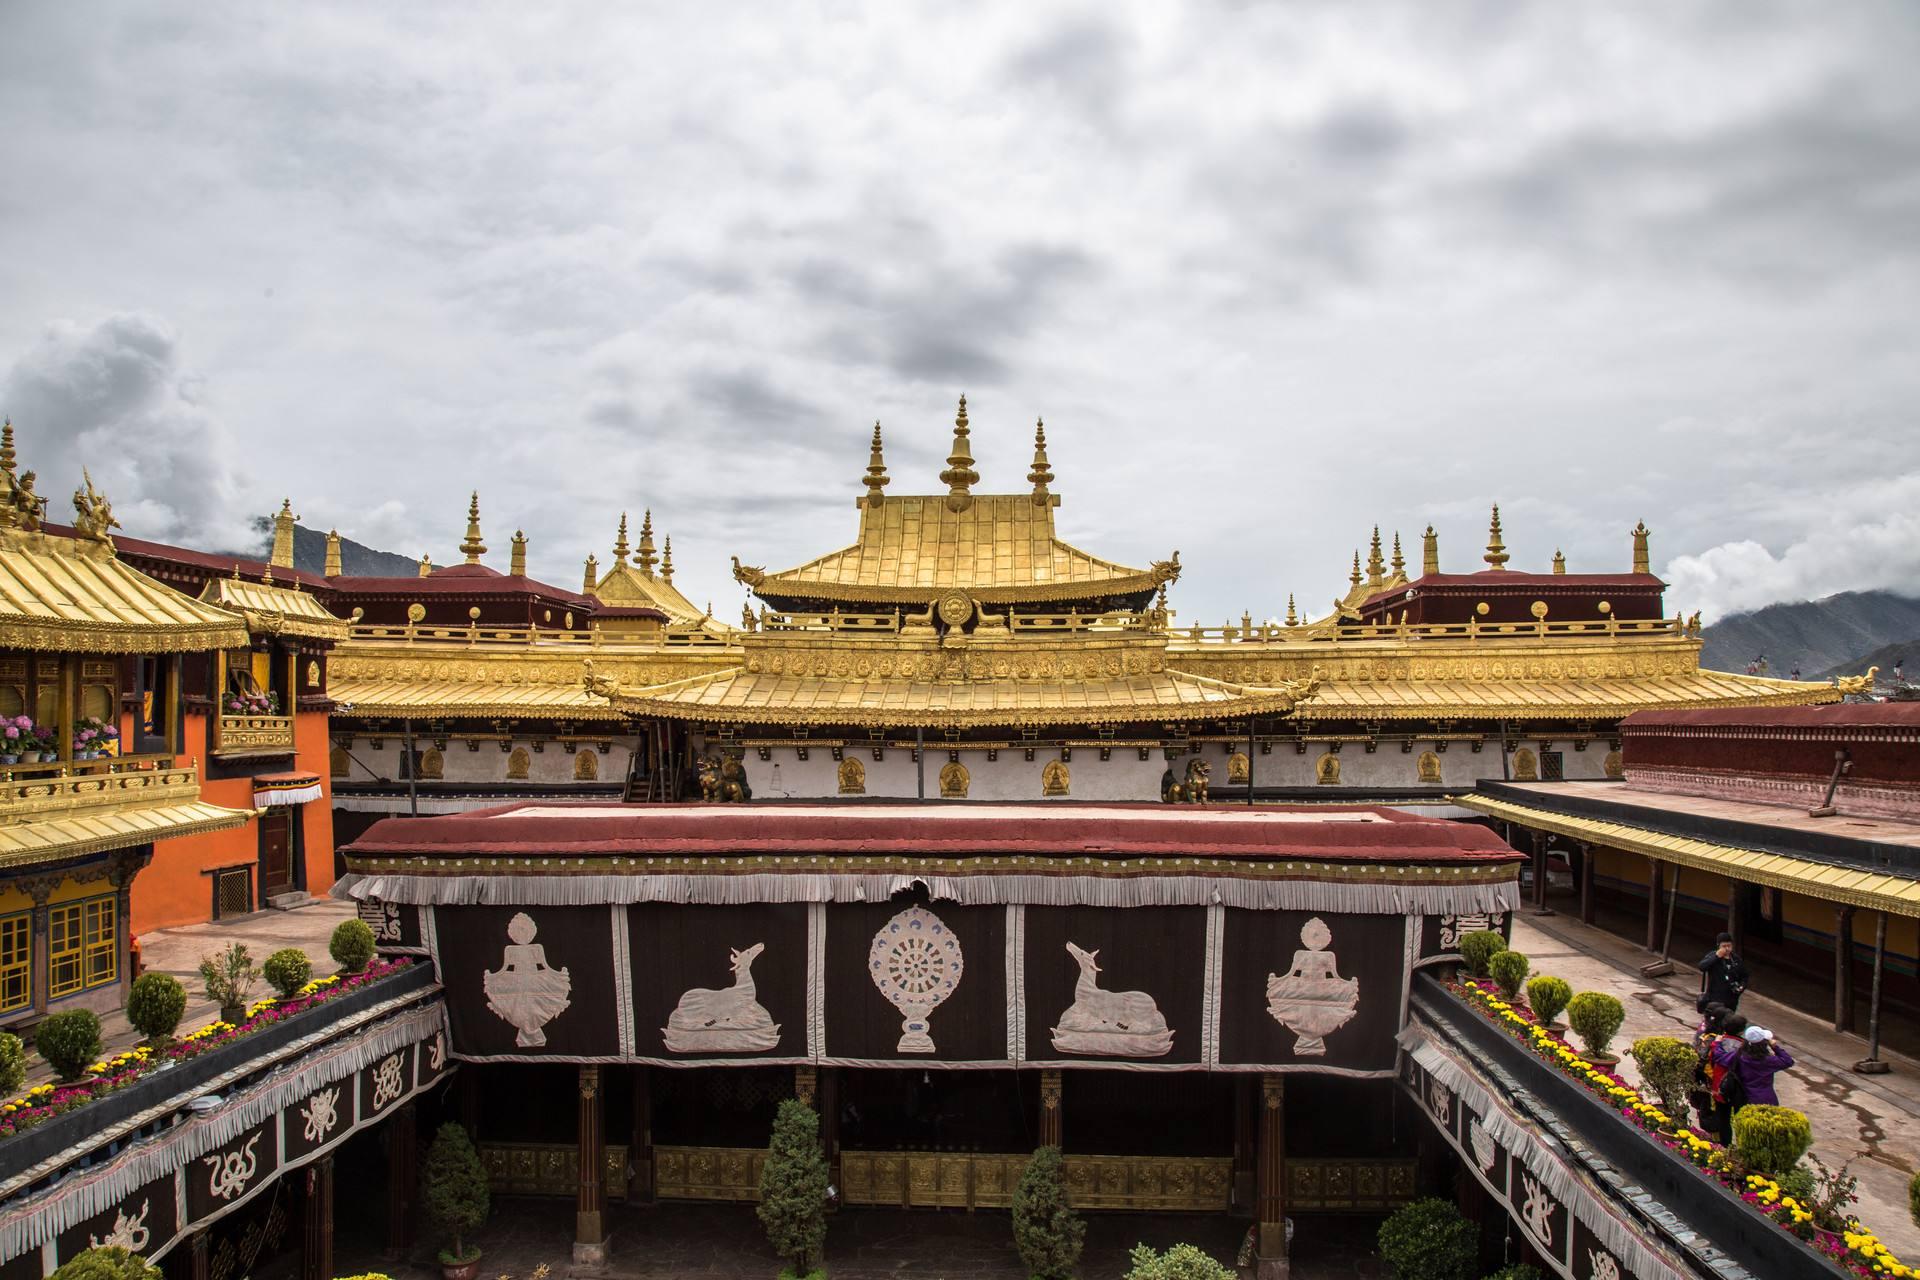 藏传佛教艺术的主要特点和遗迹是什么?